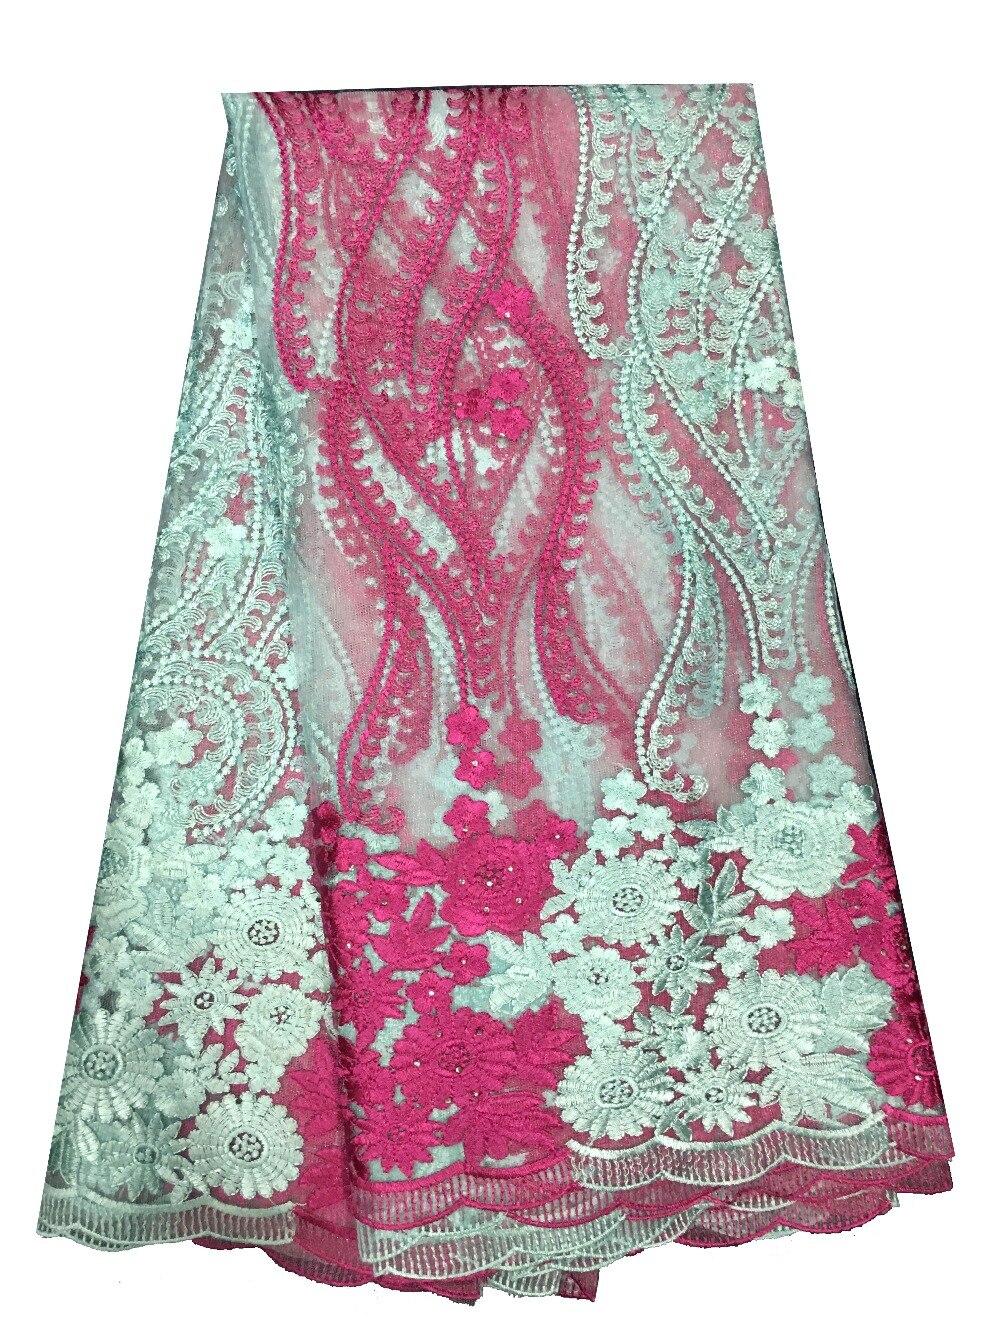 5Y 2017 nouveau design dentelle française mariée brodé tulle dentelle tissu français dentelle tissu. dernière dentelle nigériane FC1628 blanc et rouge